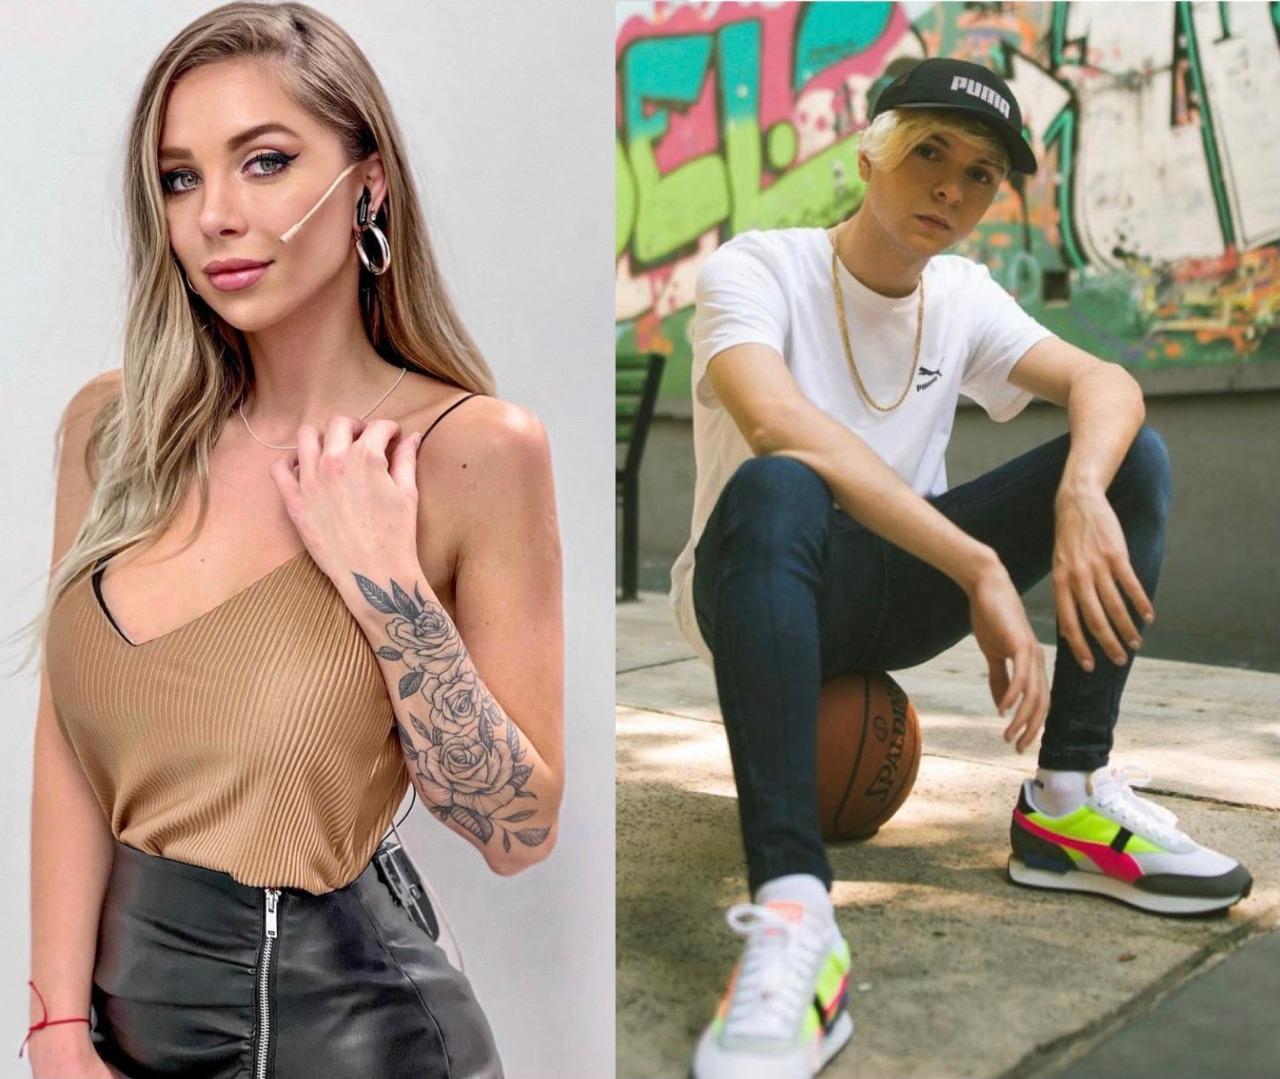 Romina Malaspina cumplió: tendrá una cita con el youtuber Oscu, que juntó un millón de likes